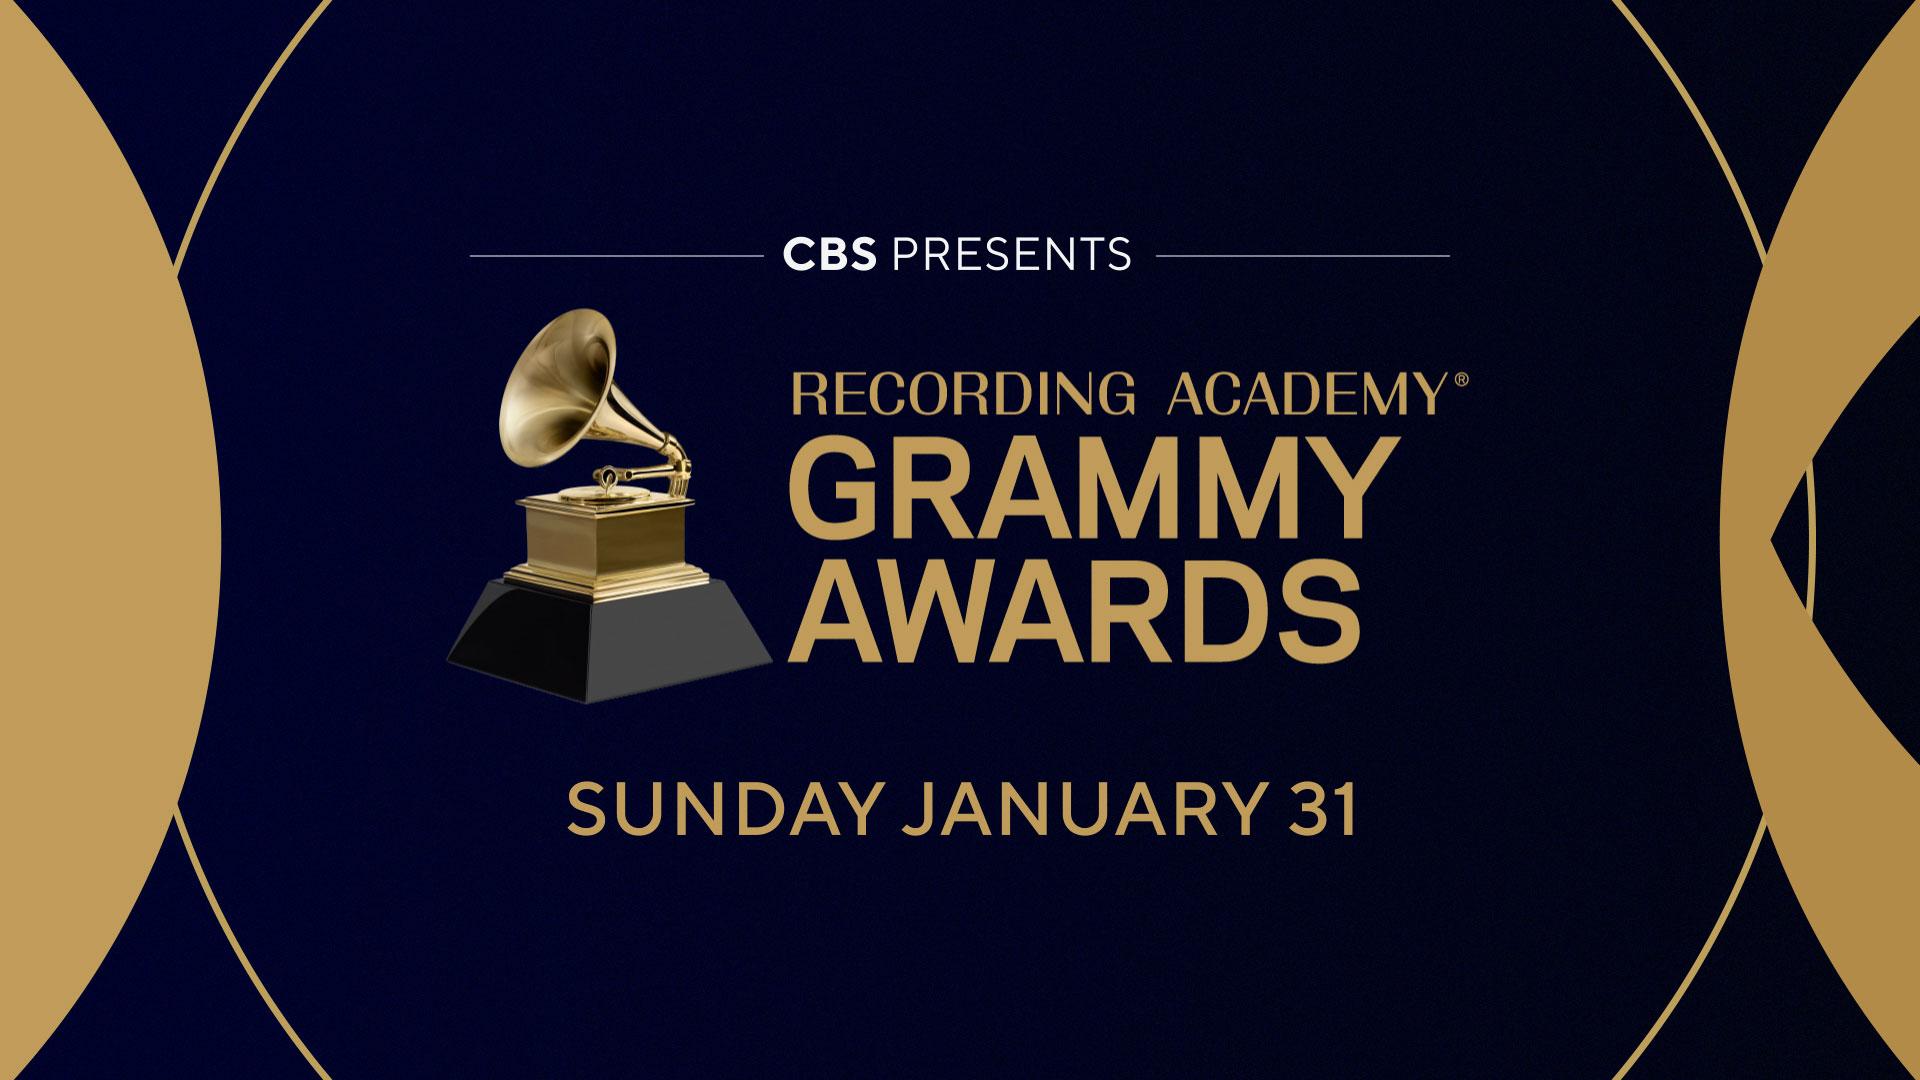 The Best Grammys 2021 Nominees